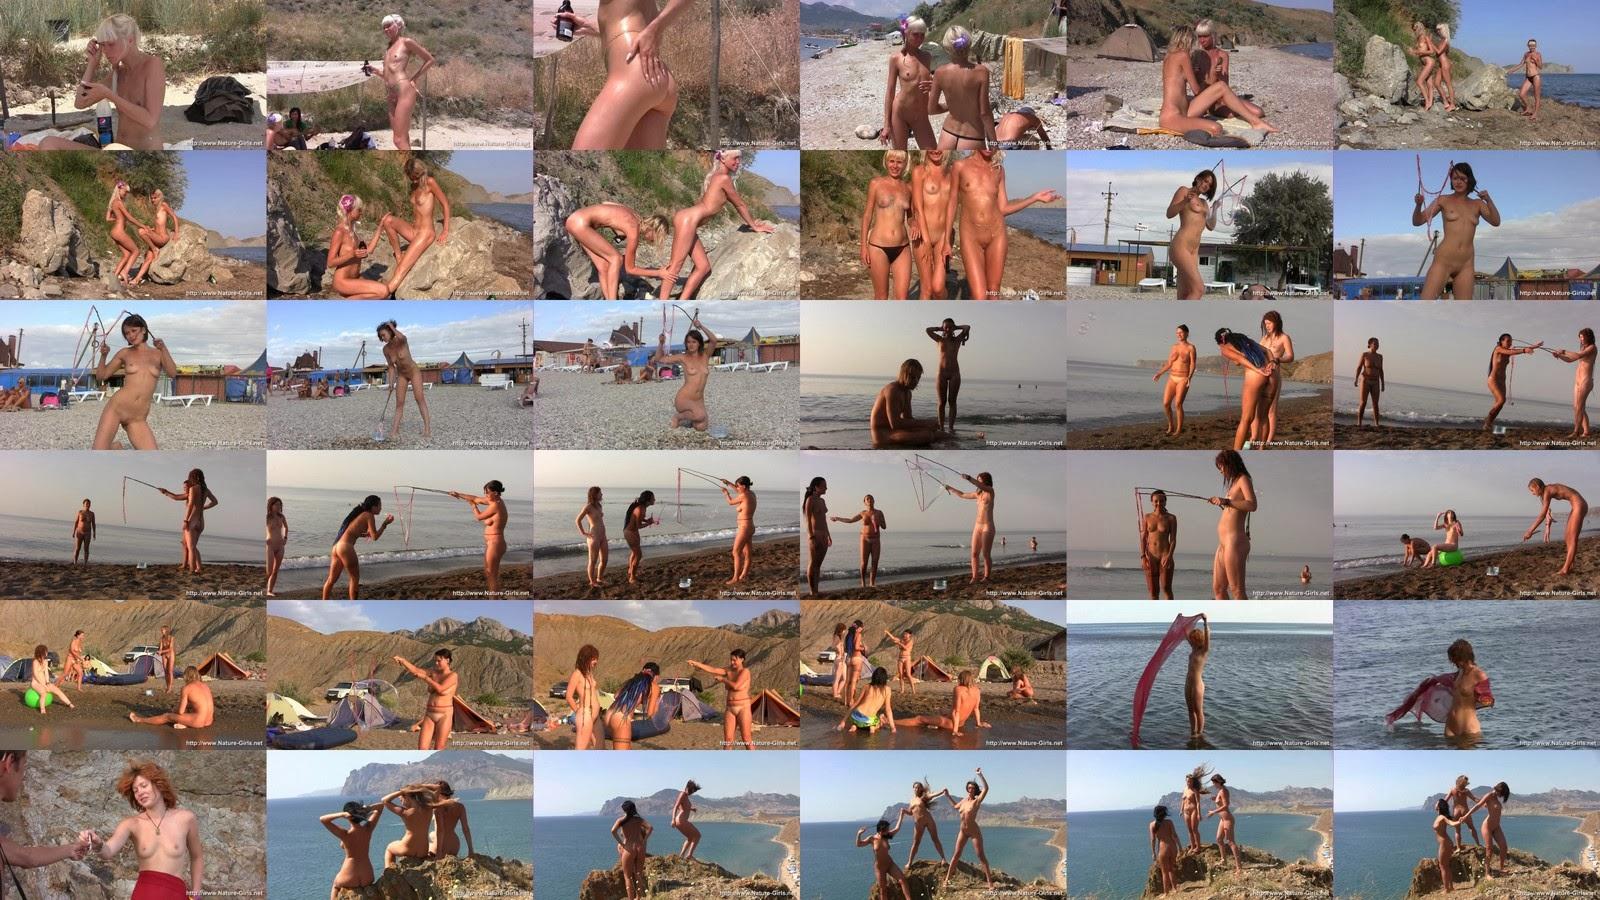 Нудисты На Пляже Трахаются